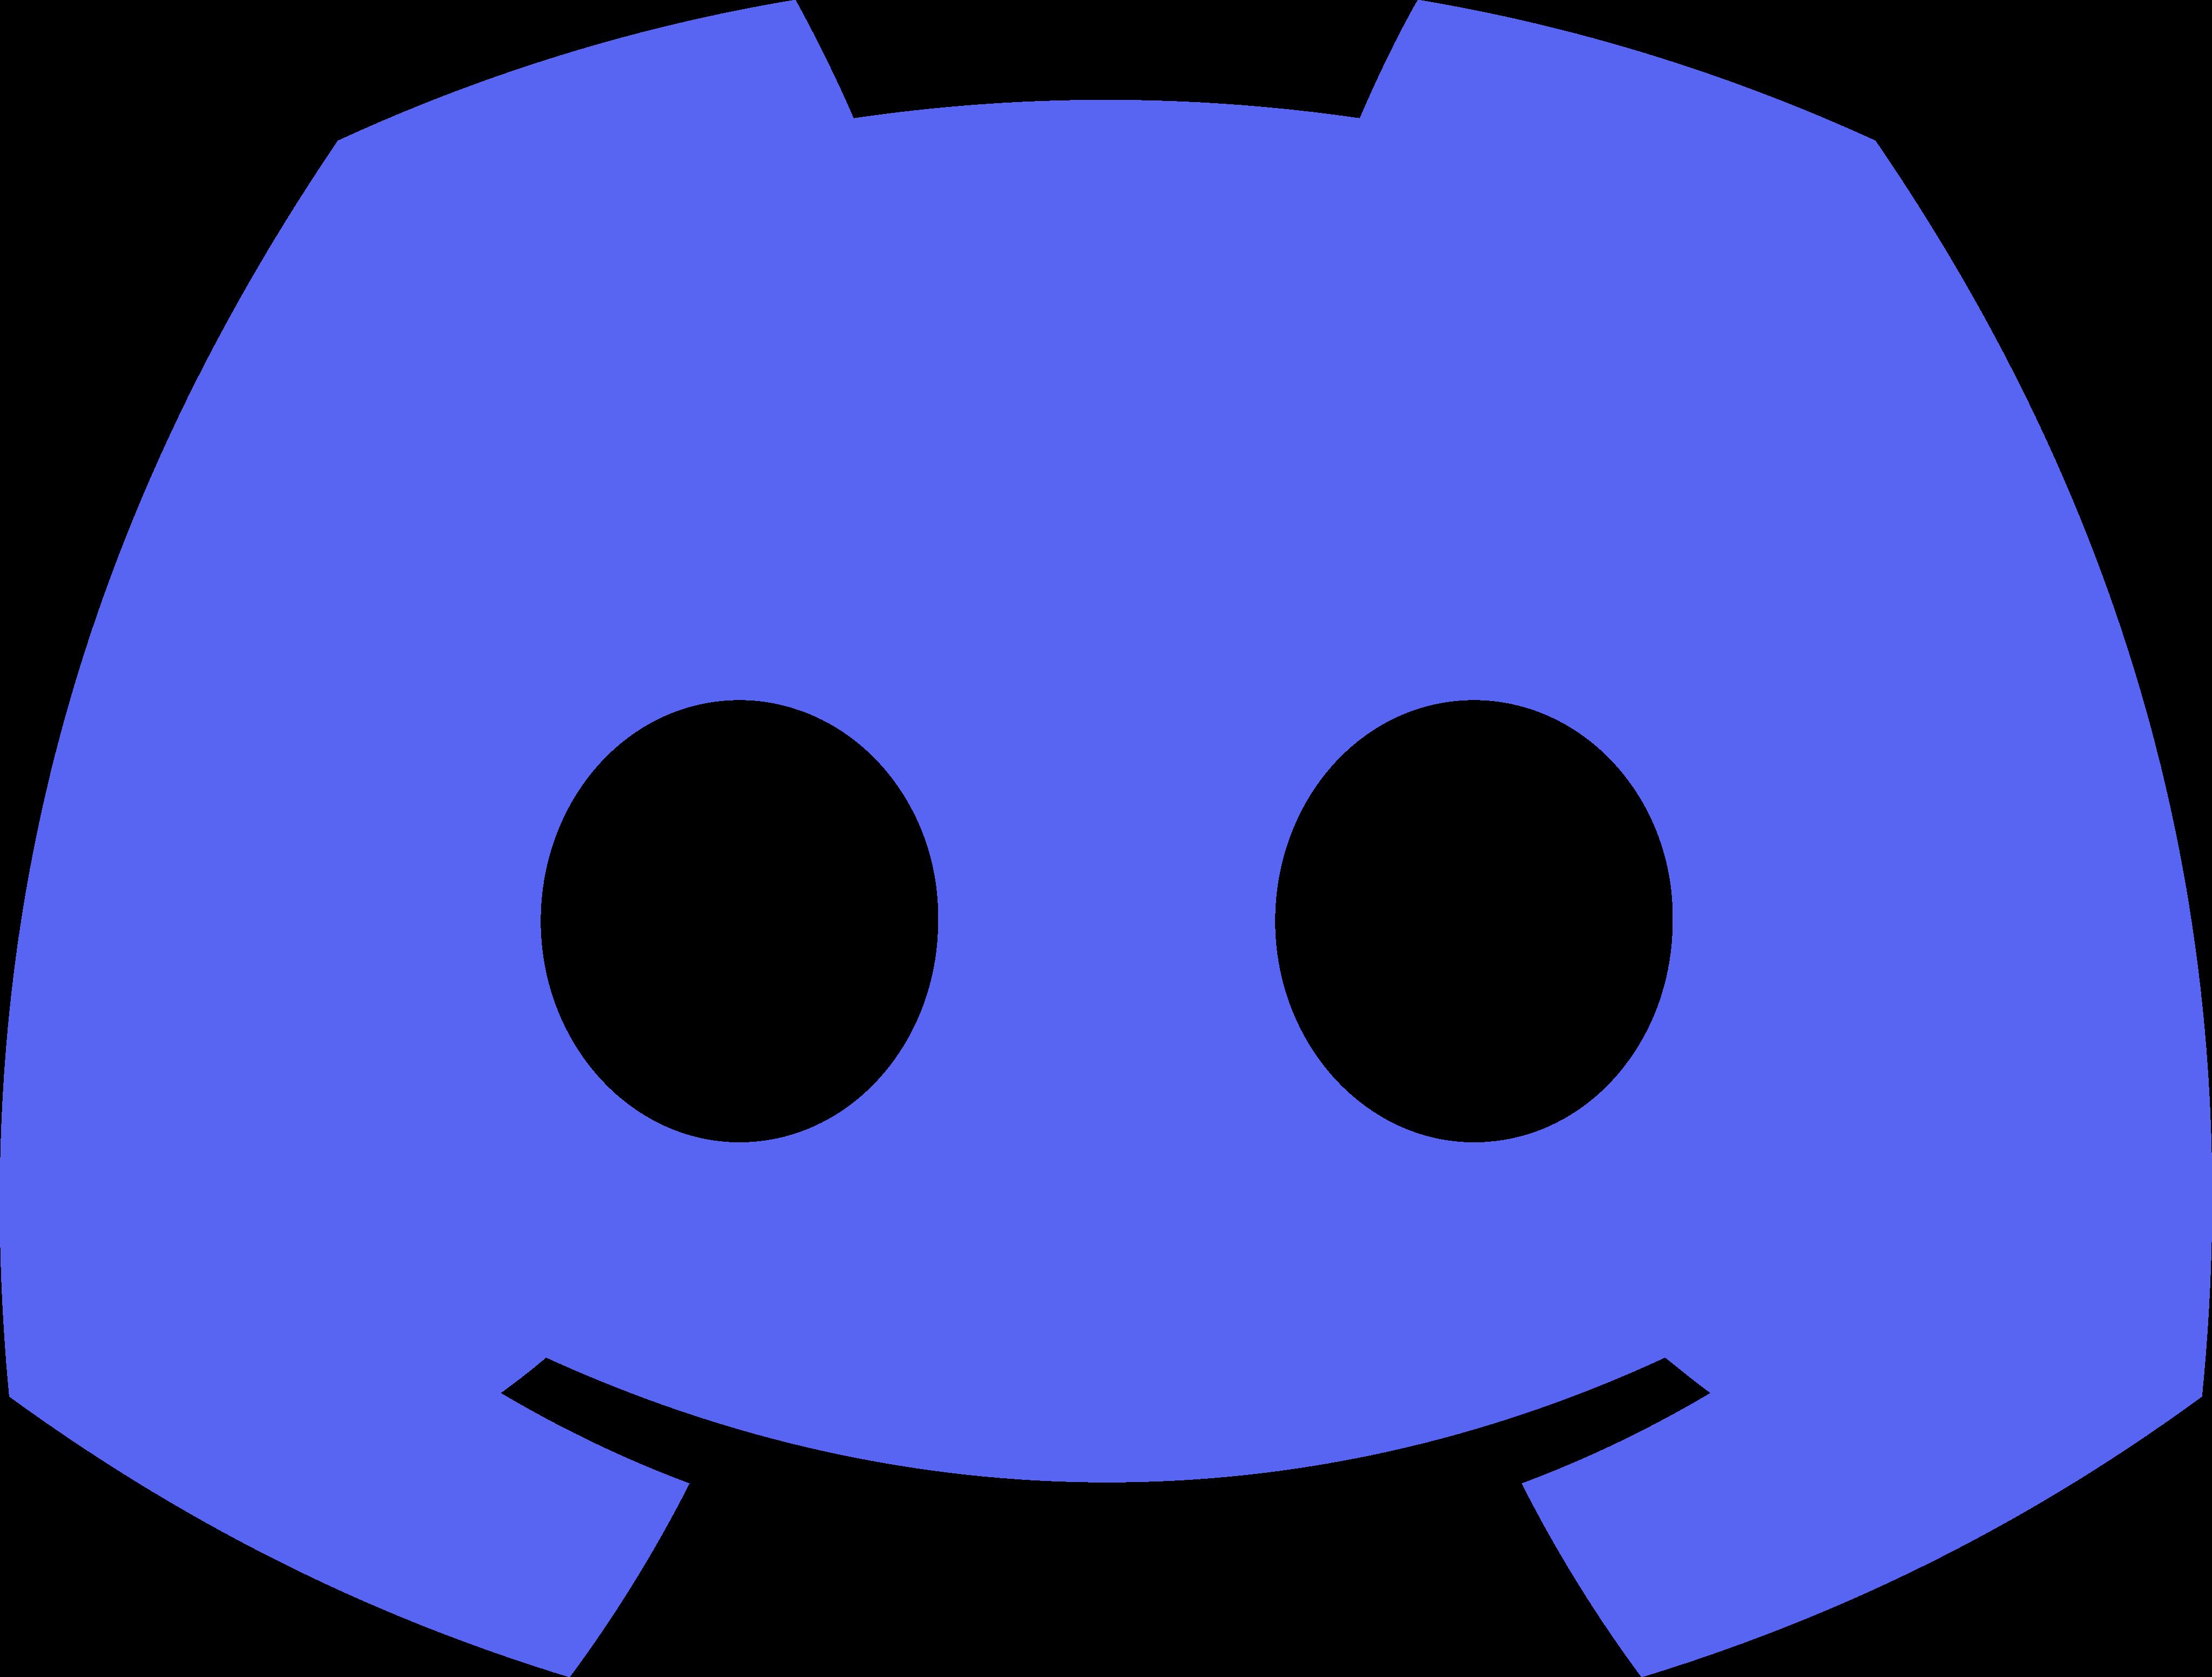 discord logo 2 1 - Discord Logo